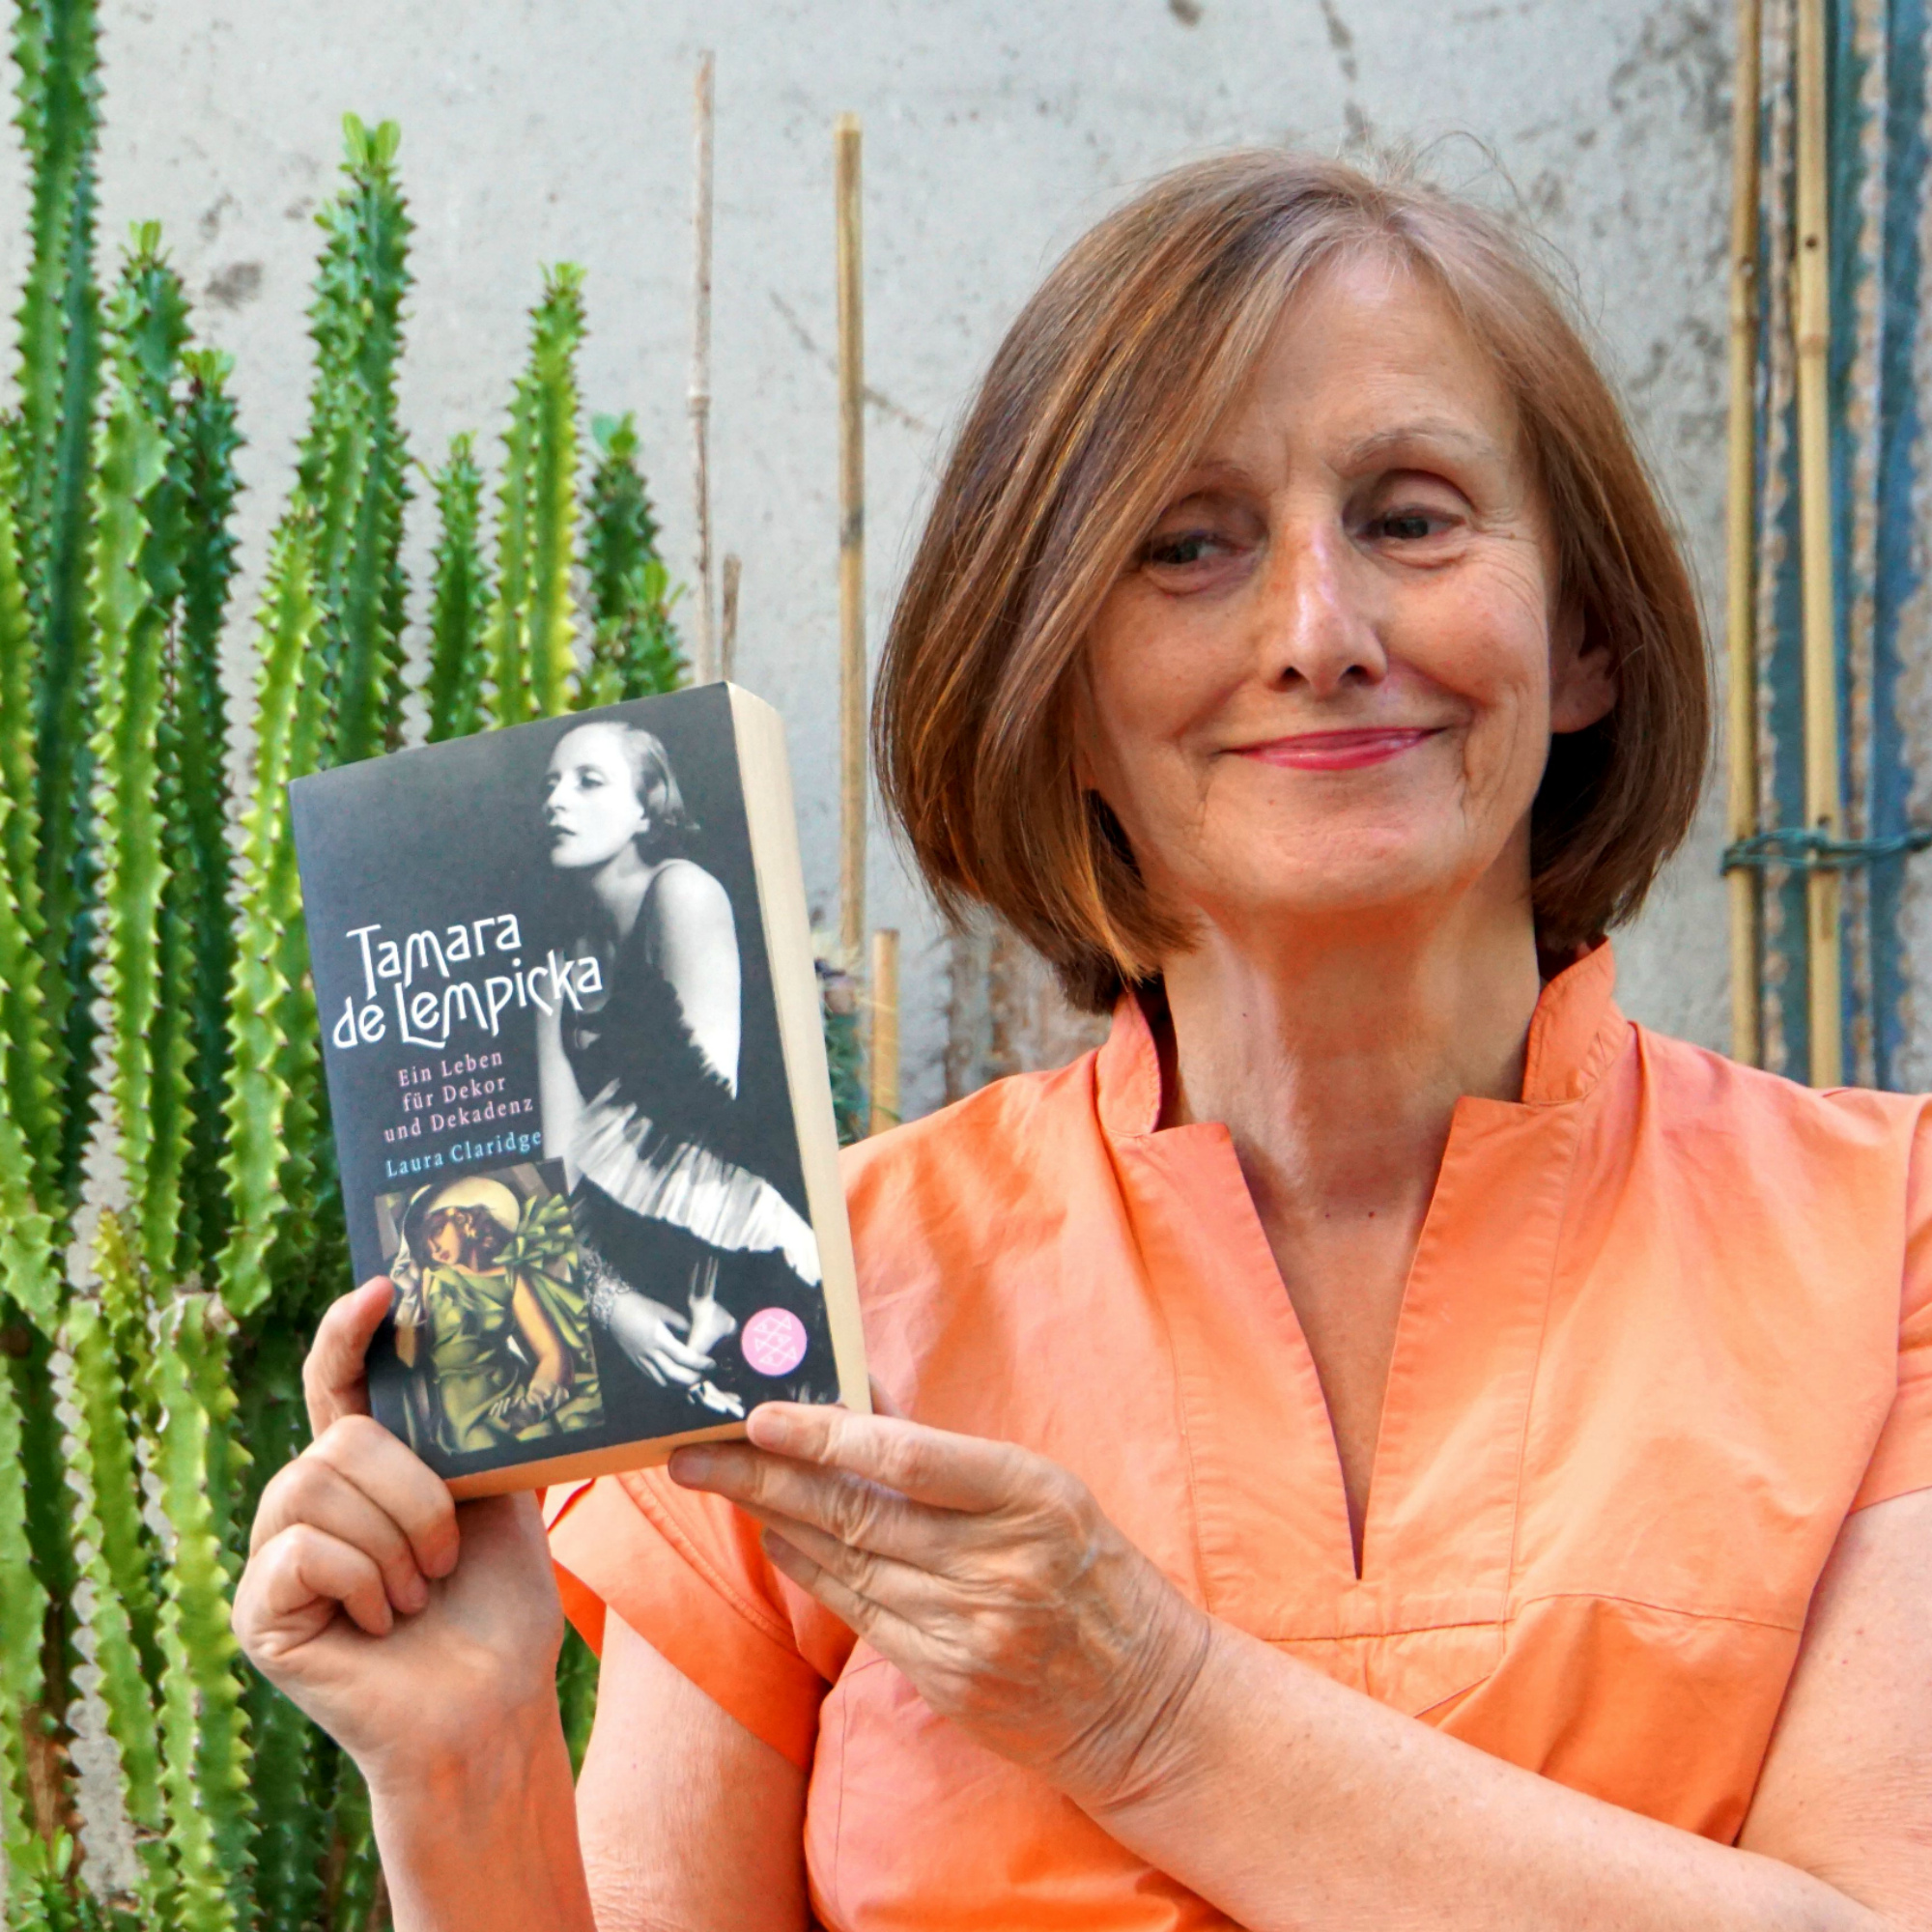 Ursel vom IKNMLO Fashionblog für Frauen ab 40 über Tamara de Lempicka